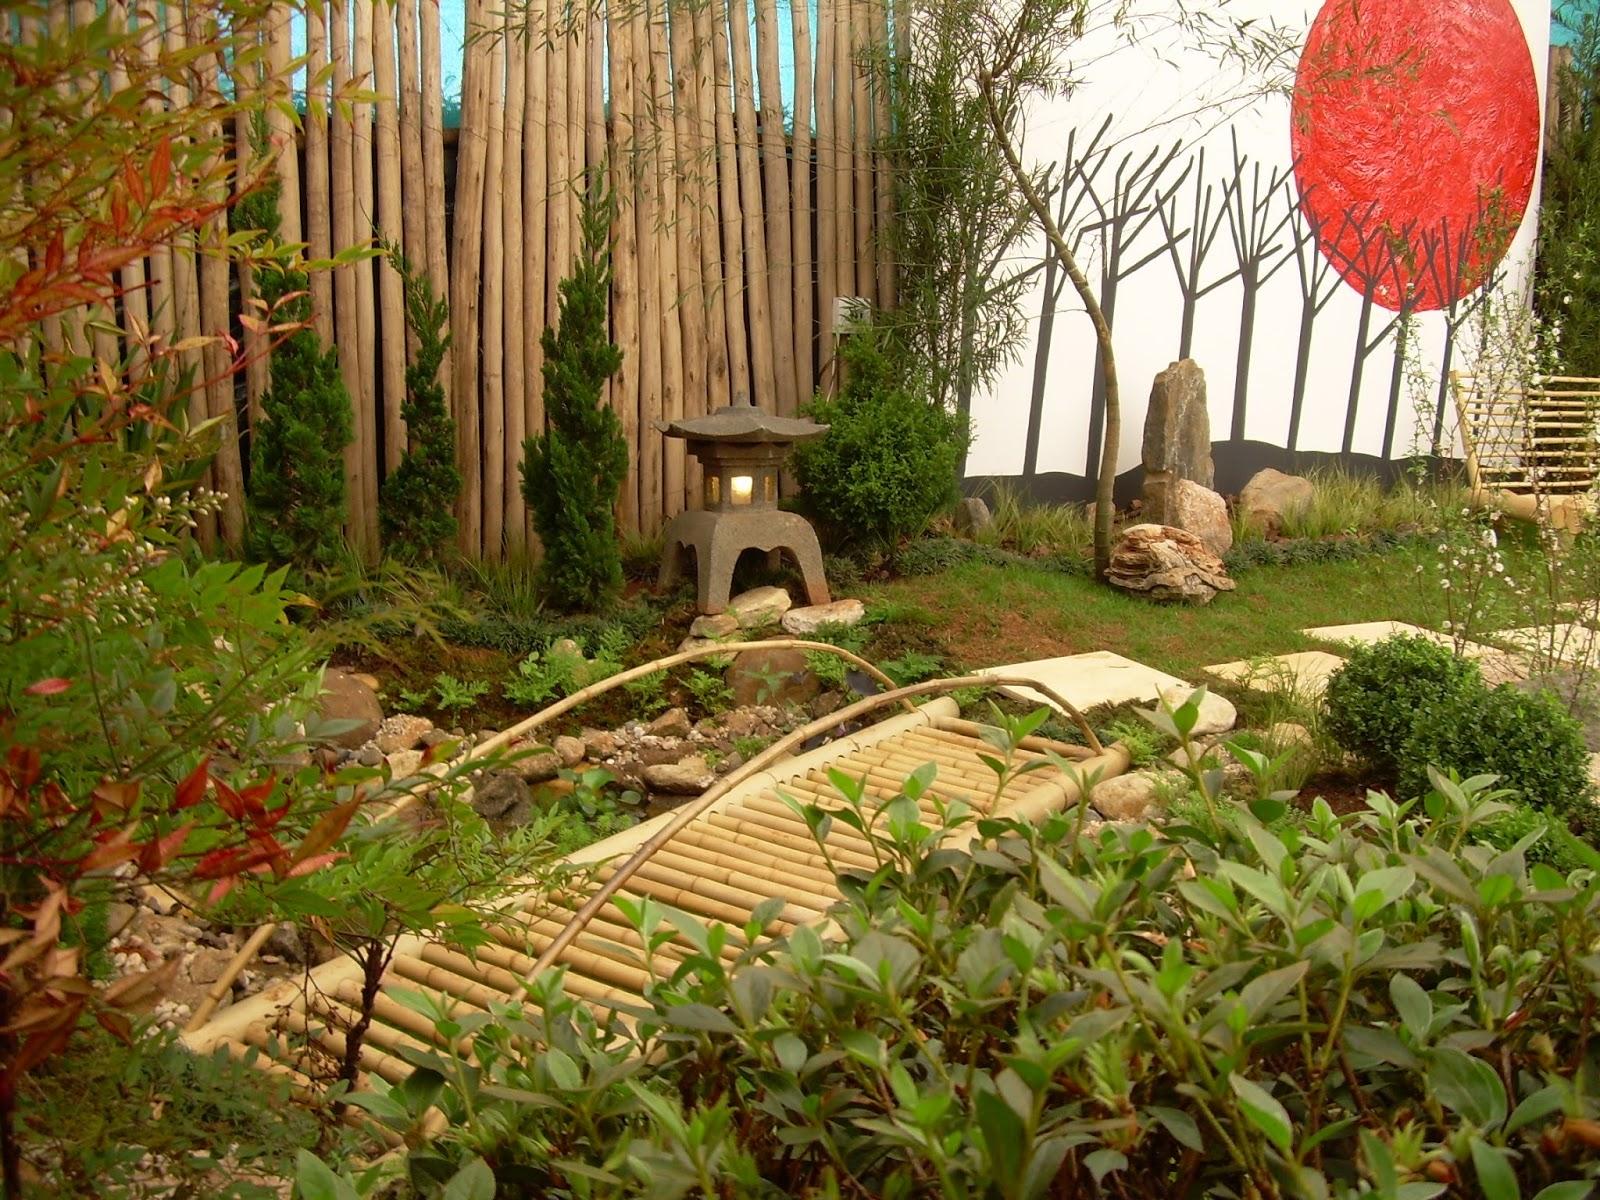 projeto de gruta de jardim : projeto de gruta de jardim:Meu Pomar: Dicas para incrementar o seu paisagismo